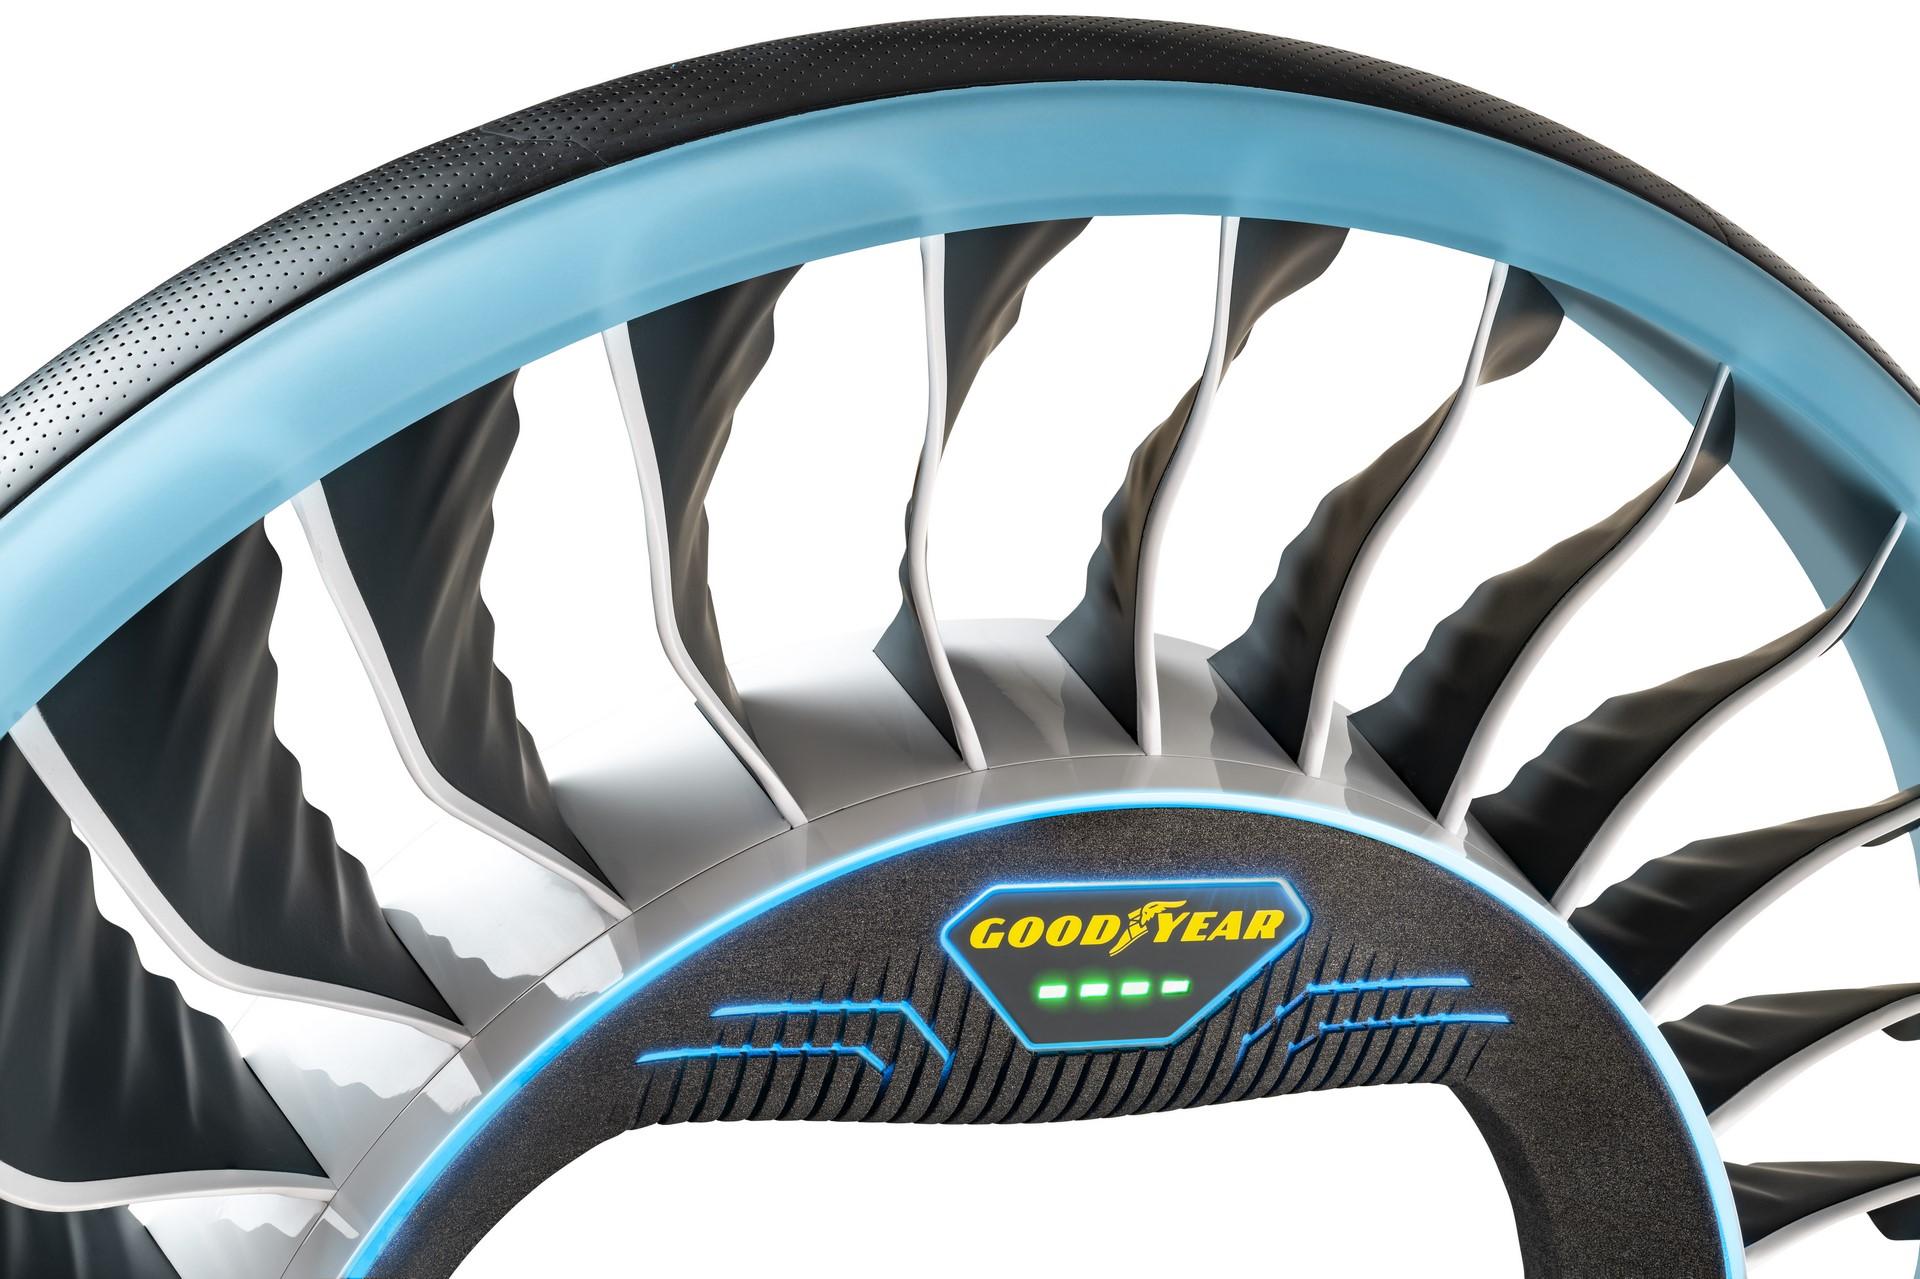 Goodyear Aero Tiltrotor Tire Concept (3)